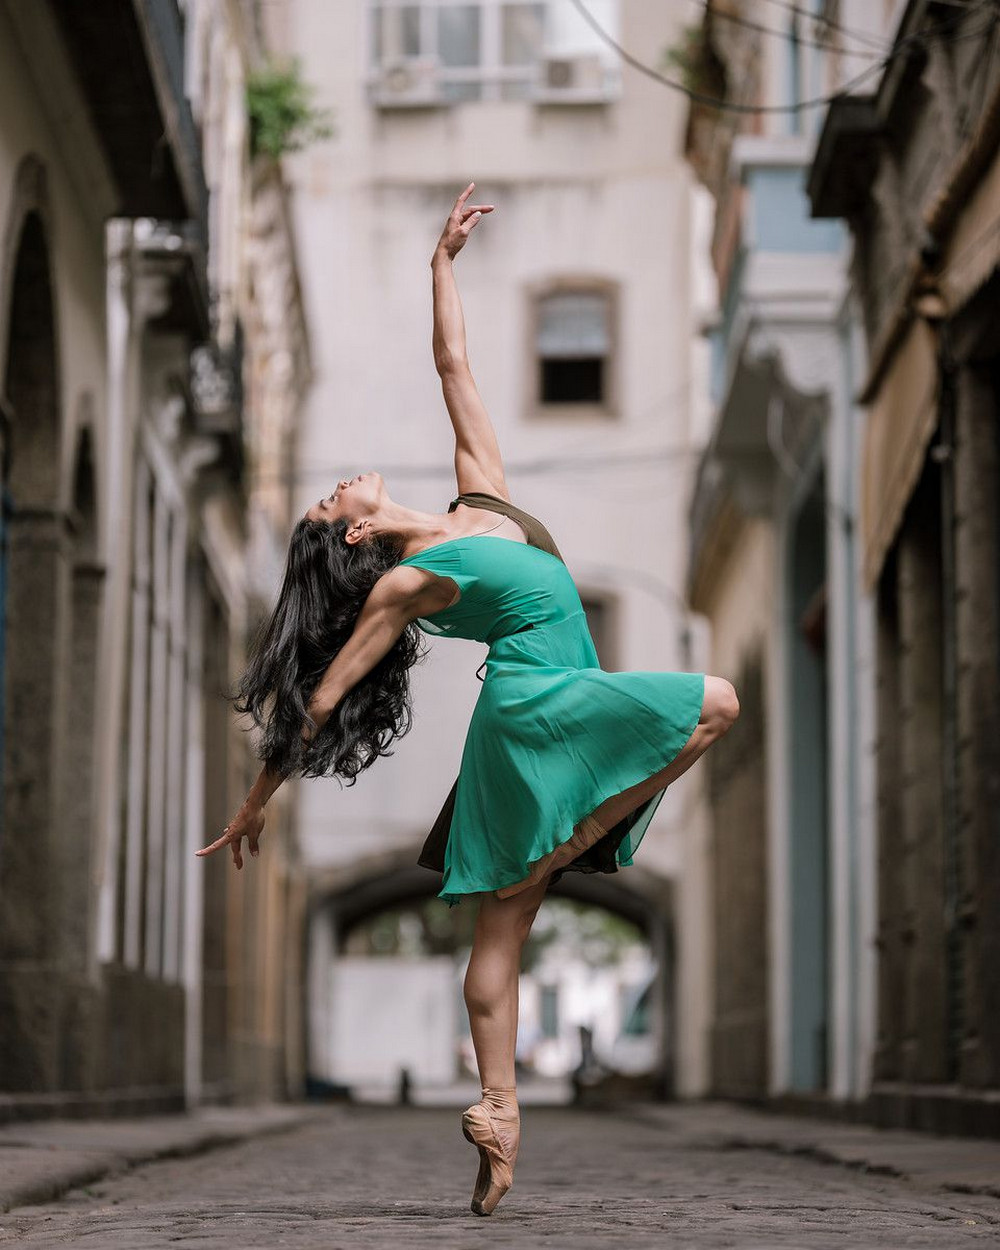 красивые танцевальные картинки именно учителя, его